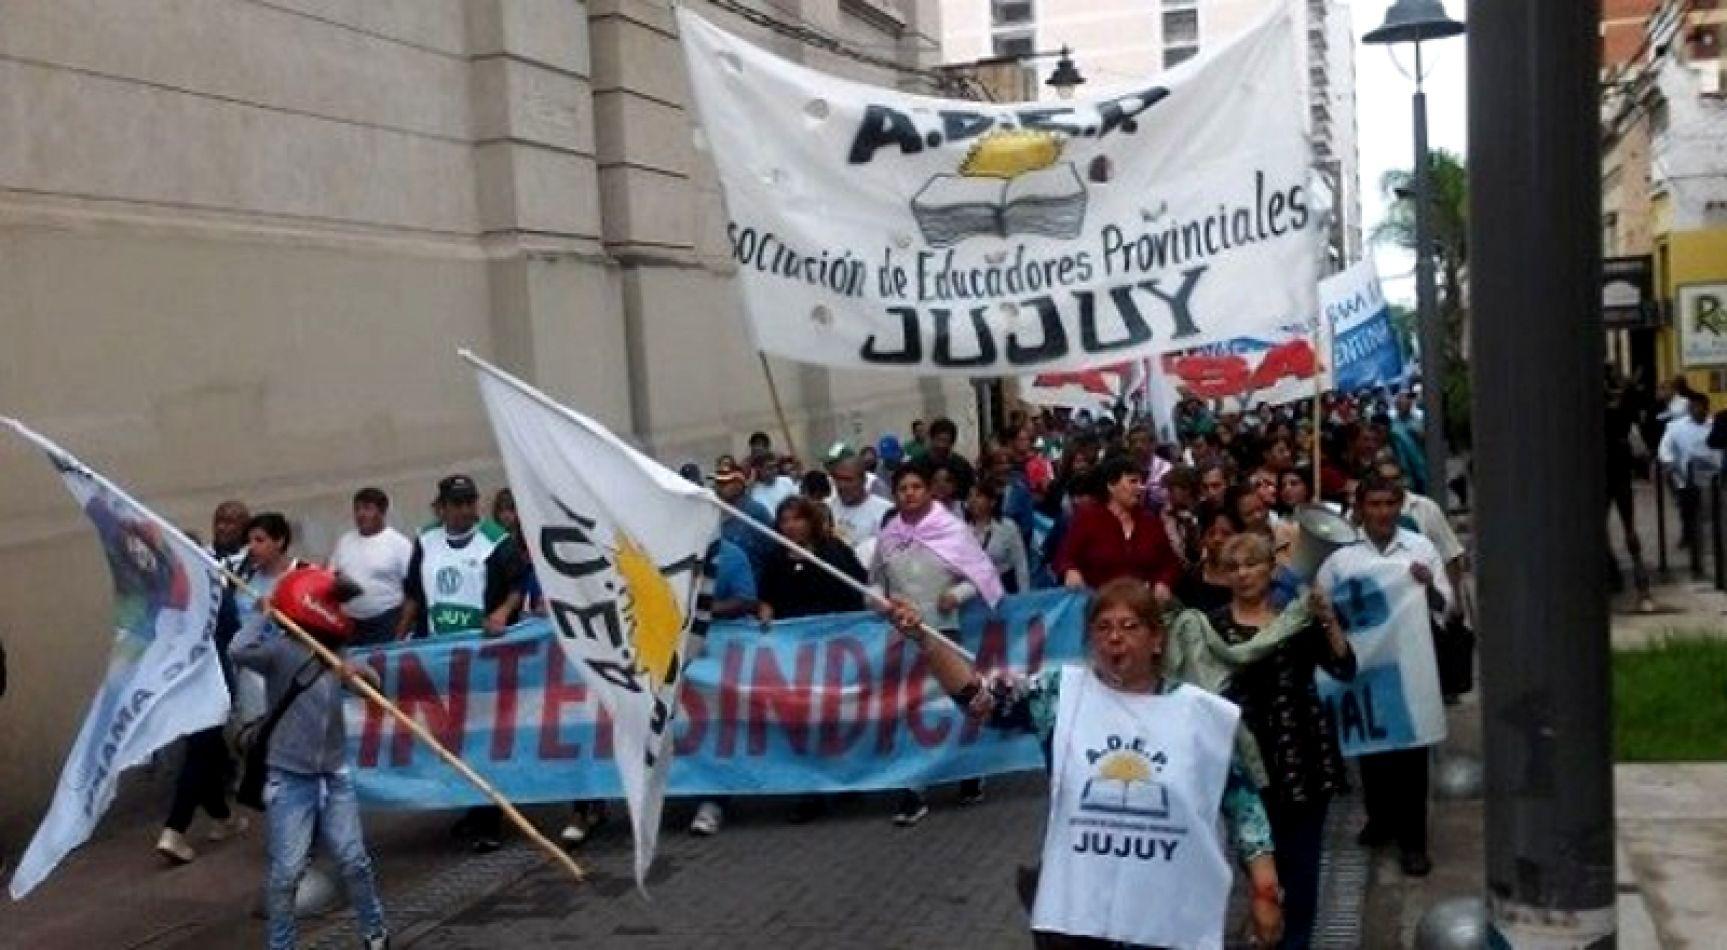 Paro de estatales: el gobierno de Morales tiene la llave para destrabar el conflicto